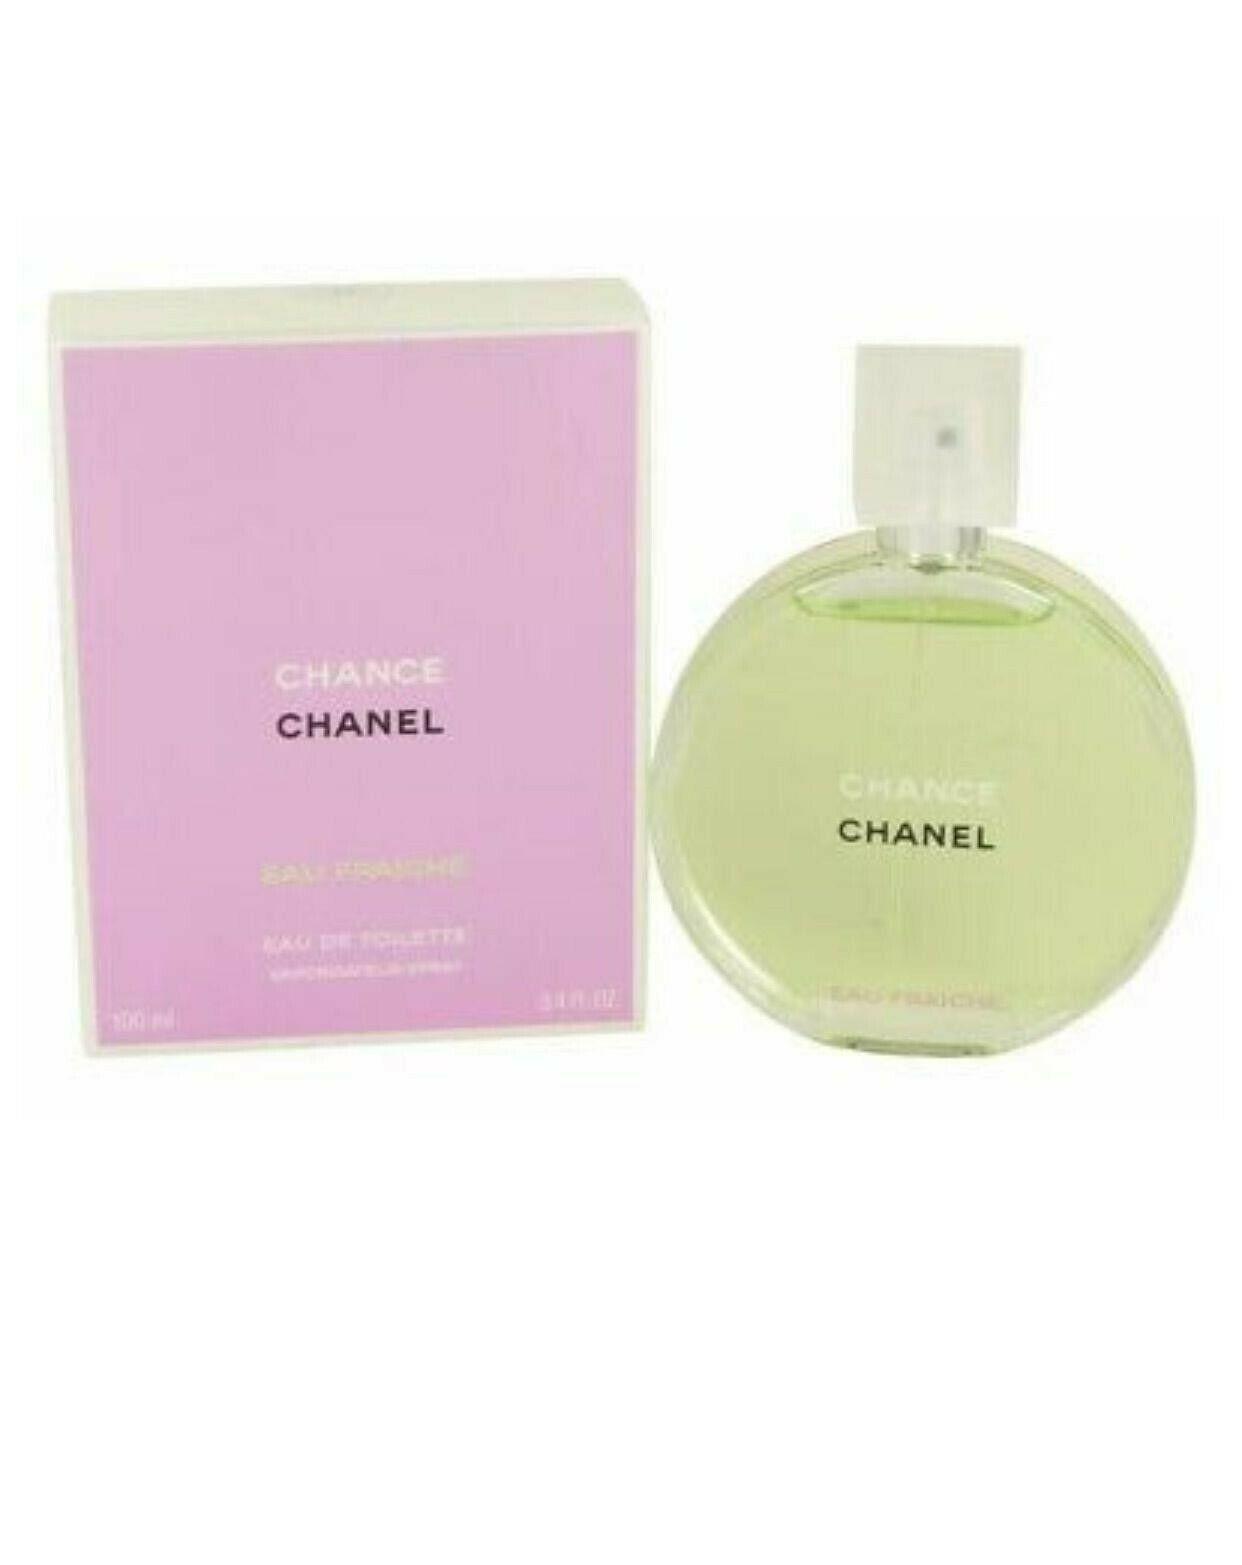 Chanel Chance Eau fraiche EAU TOILETTE 3.4 oz. WOMENS PERFUME! In retail box! - $93.26